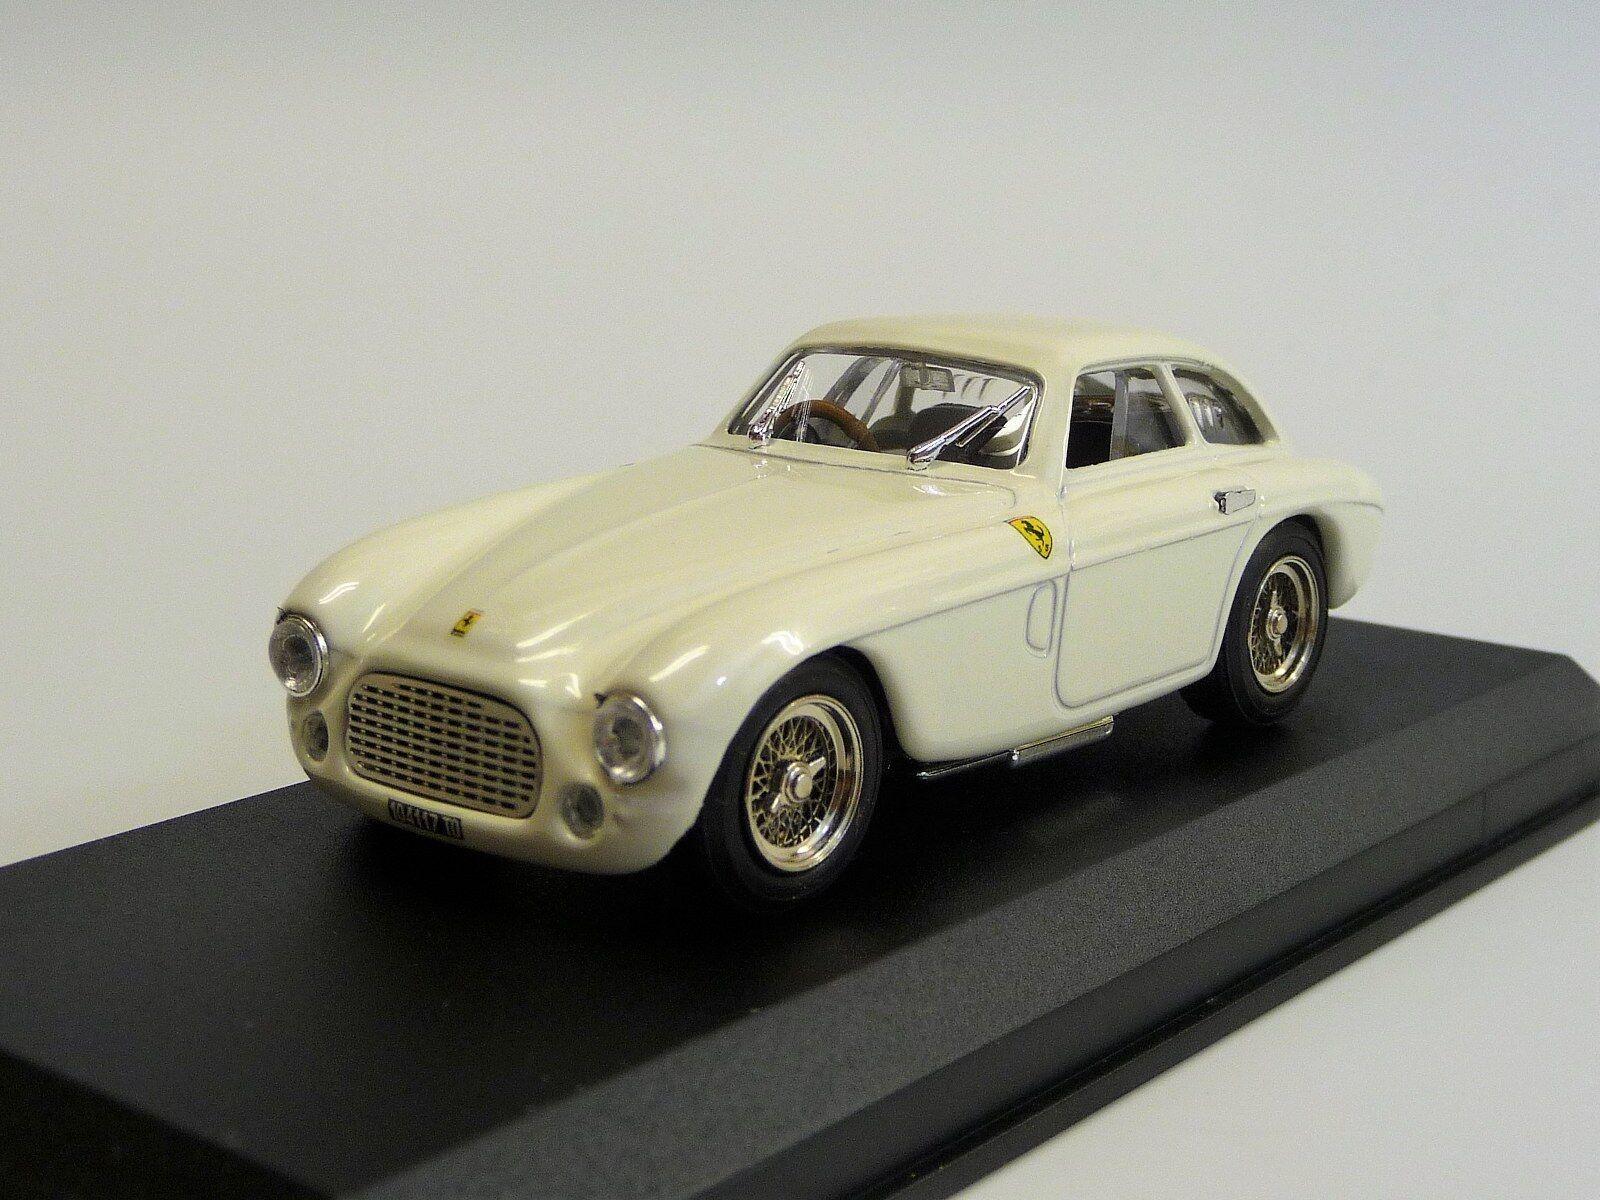 Ferrari 166 MM stradale Blanc Type Model art002 NEUF dans neuf dans sa boîte 1 43